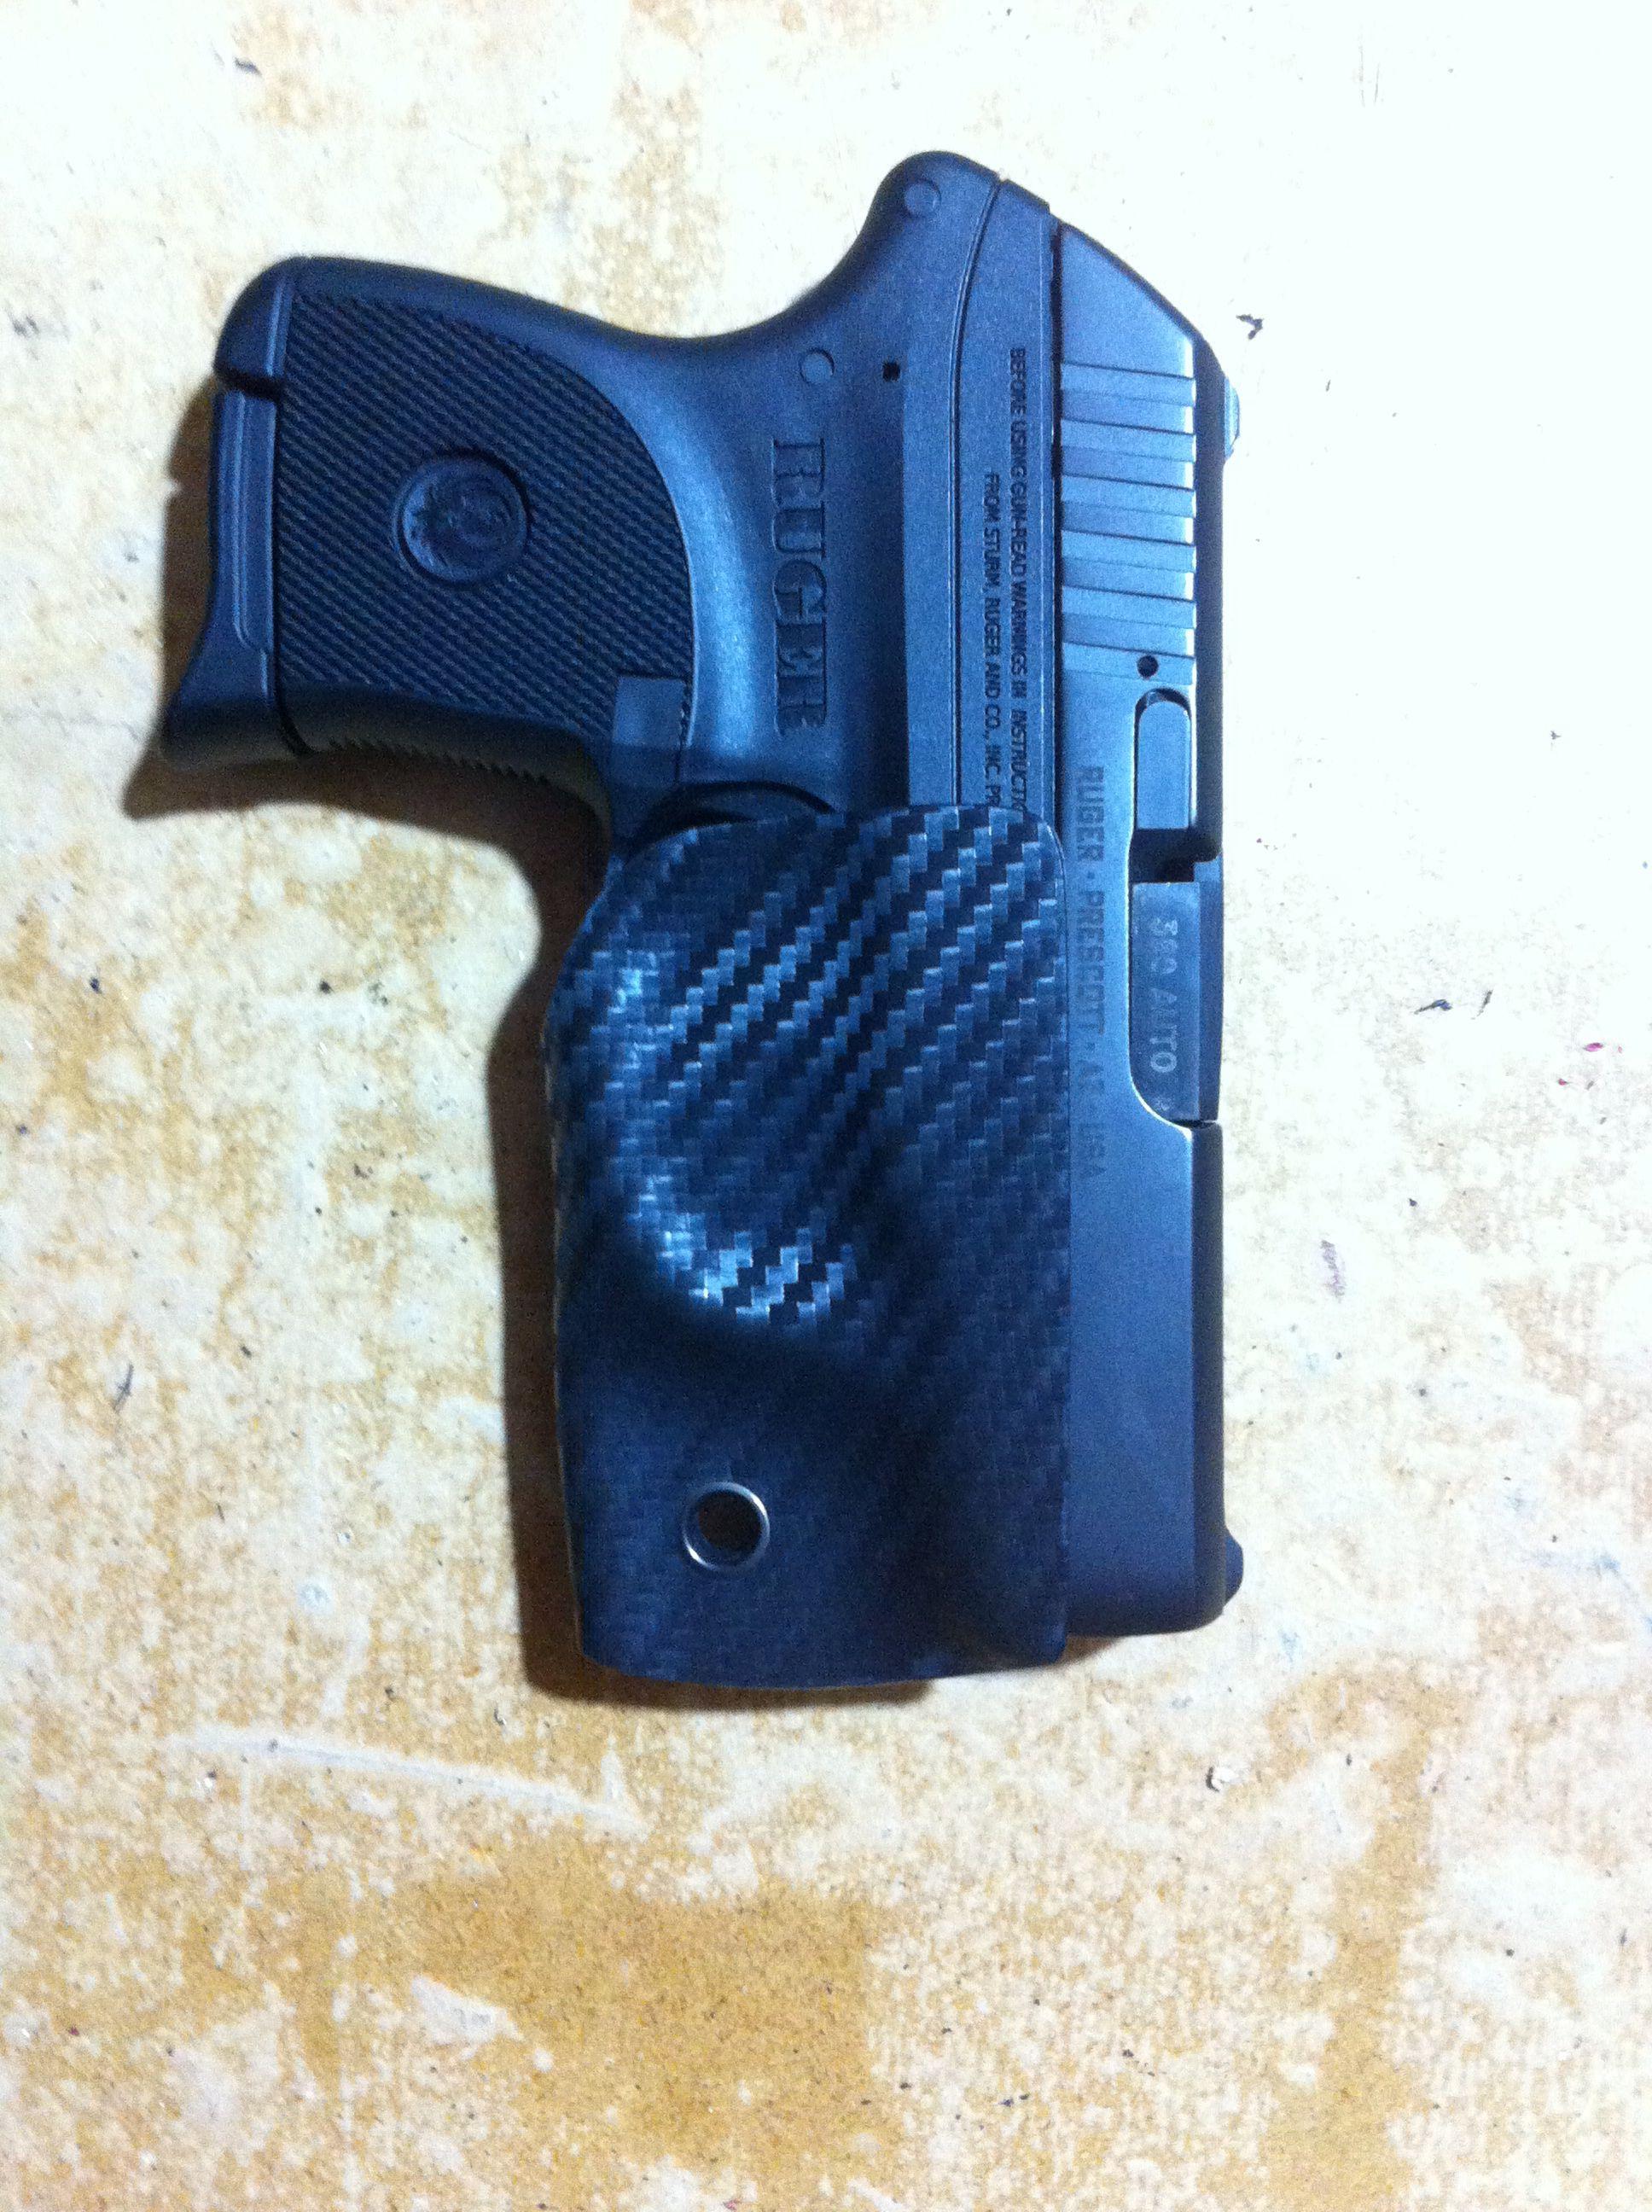 Sabby Tactical Carbon fiber kydex tether pocket holster for